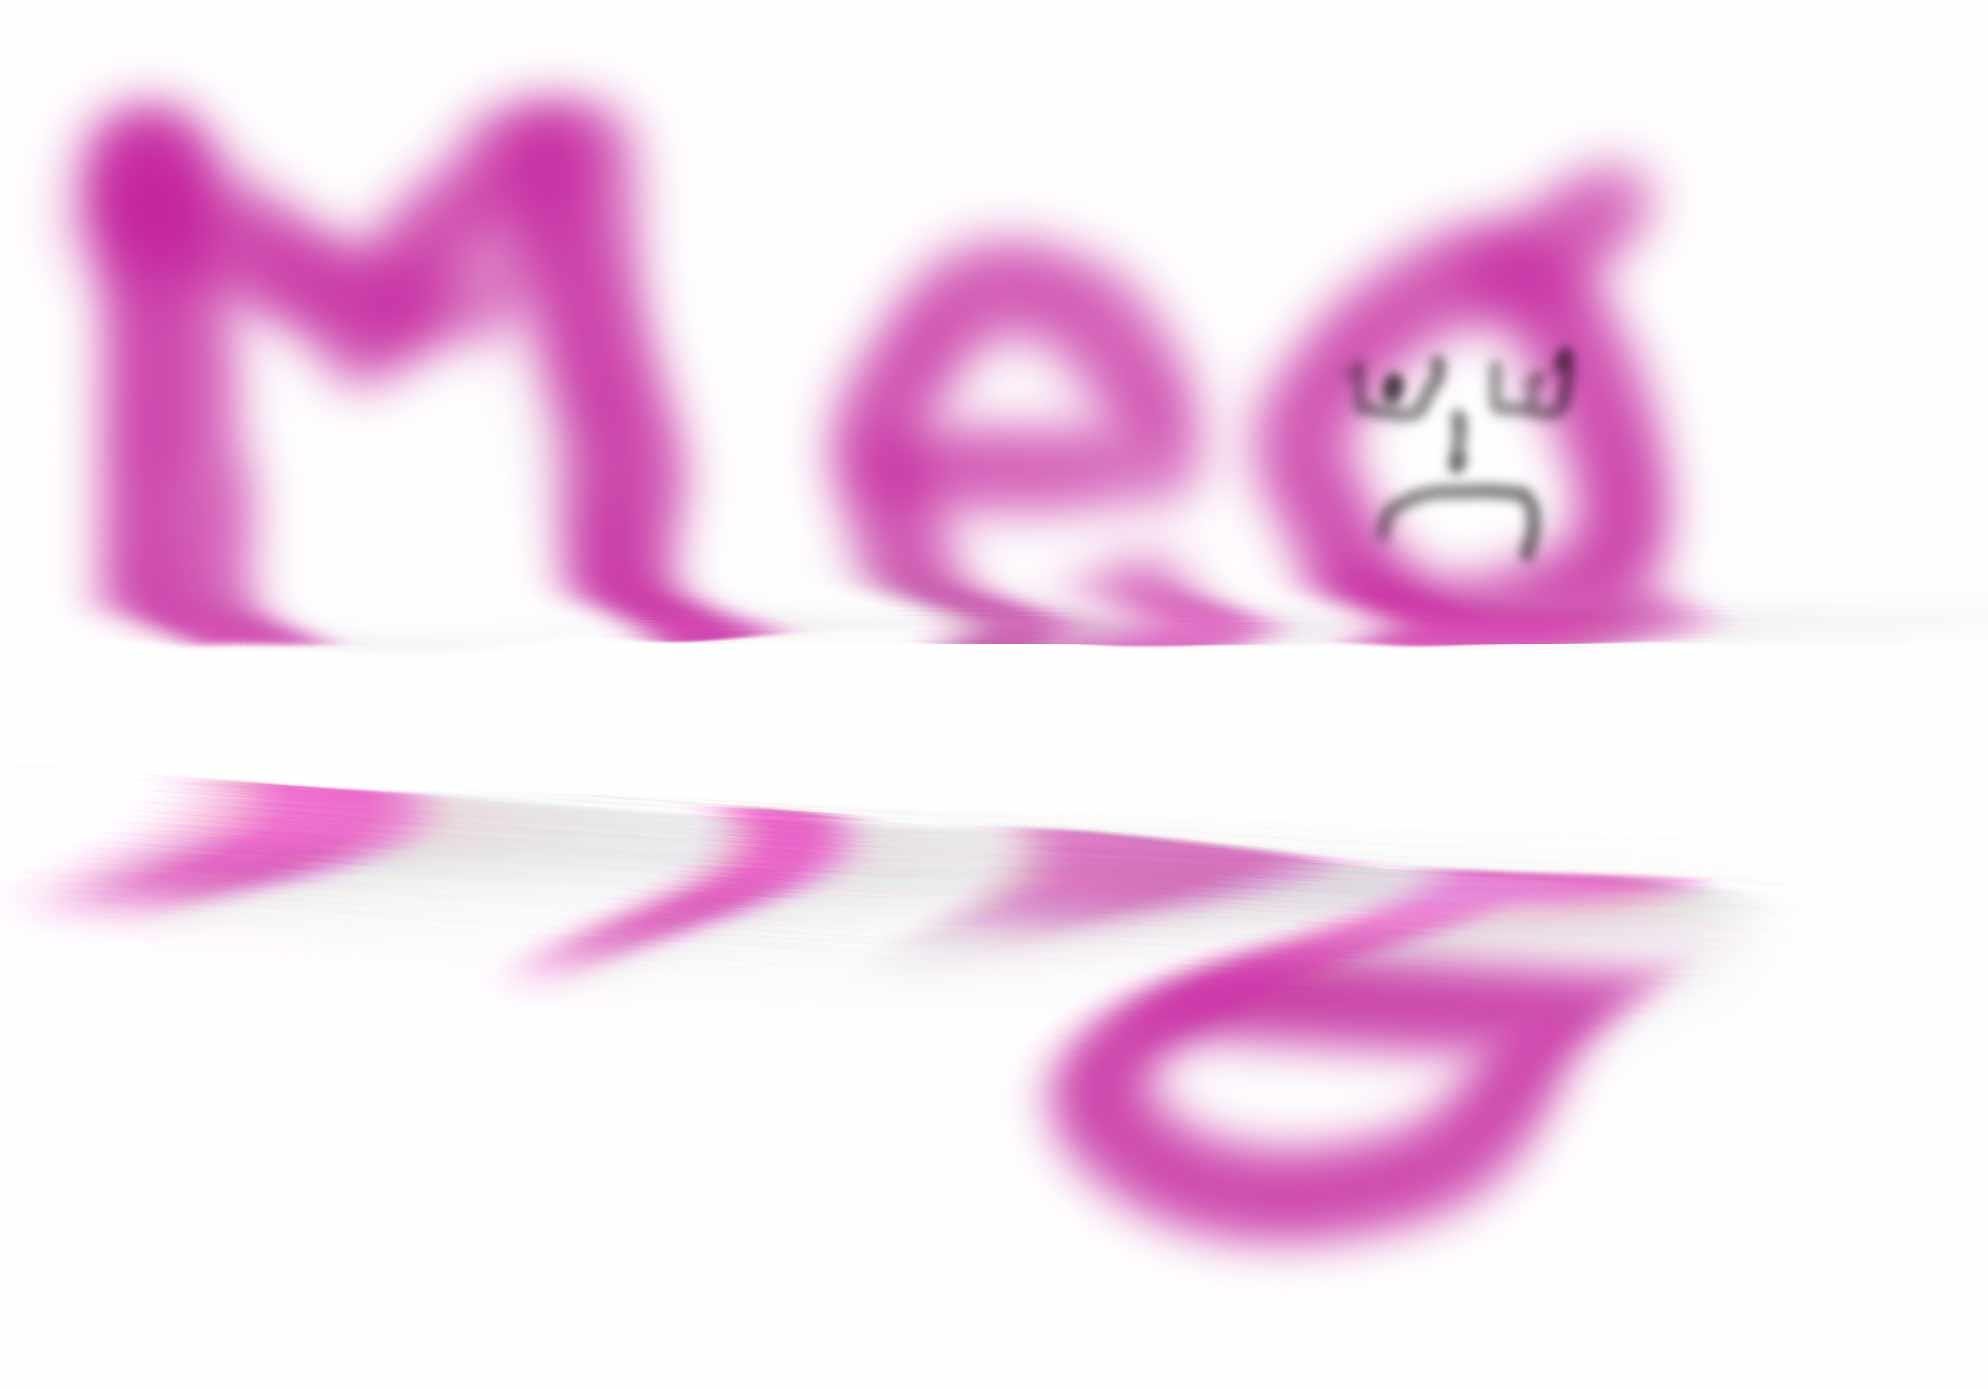 MEG vill kontrollera i vilka medier det skrivs om dem och vad som skrivs i artiklarna.